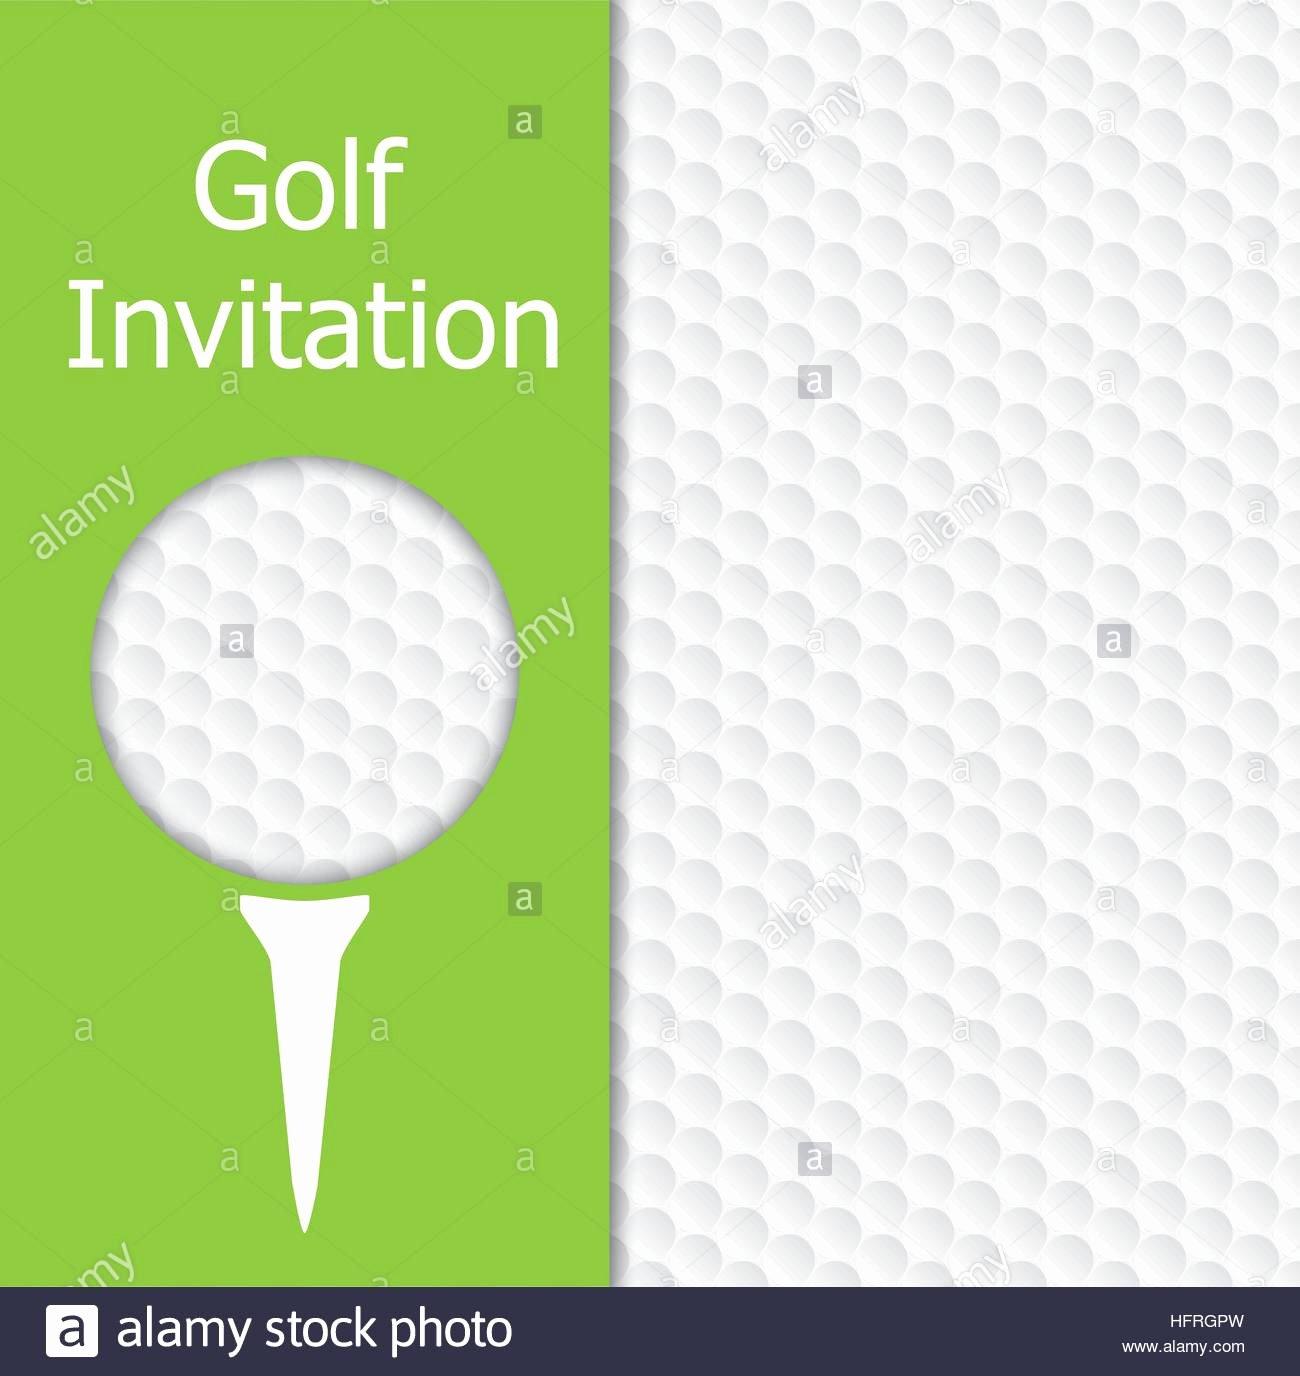 Golf tournament Invitation Graphic Design the Design